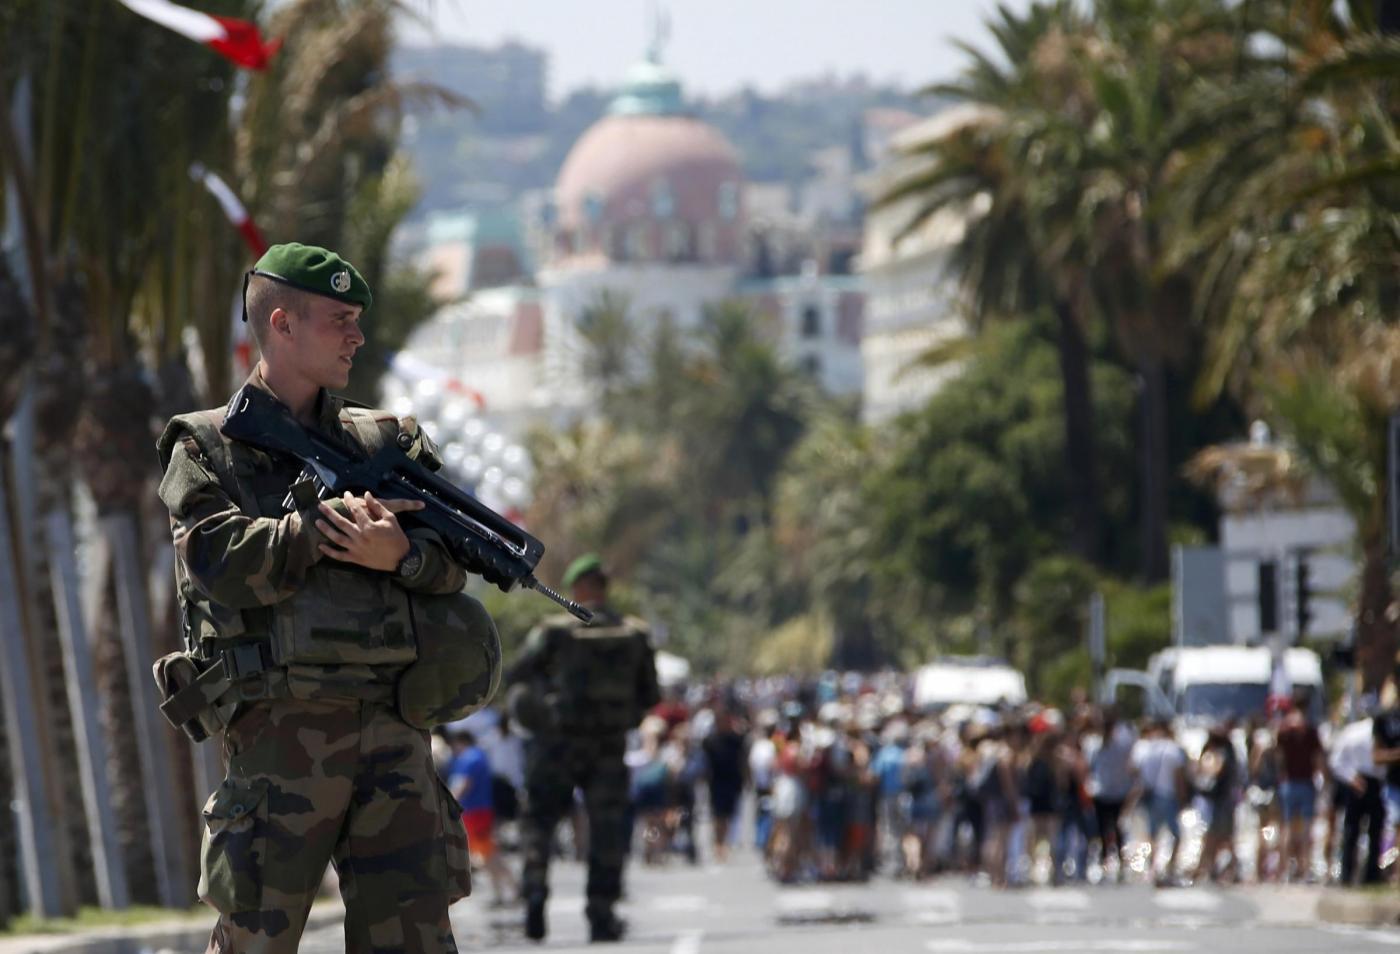 Perché in Italia non ci sono stati attentati terroristici fino ad oggi?